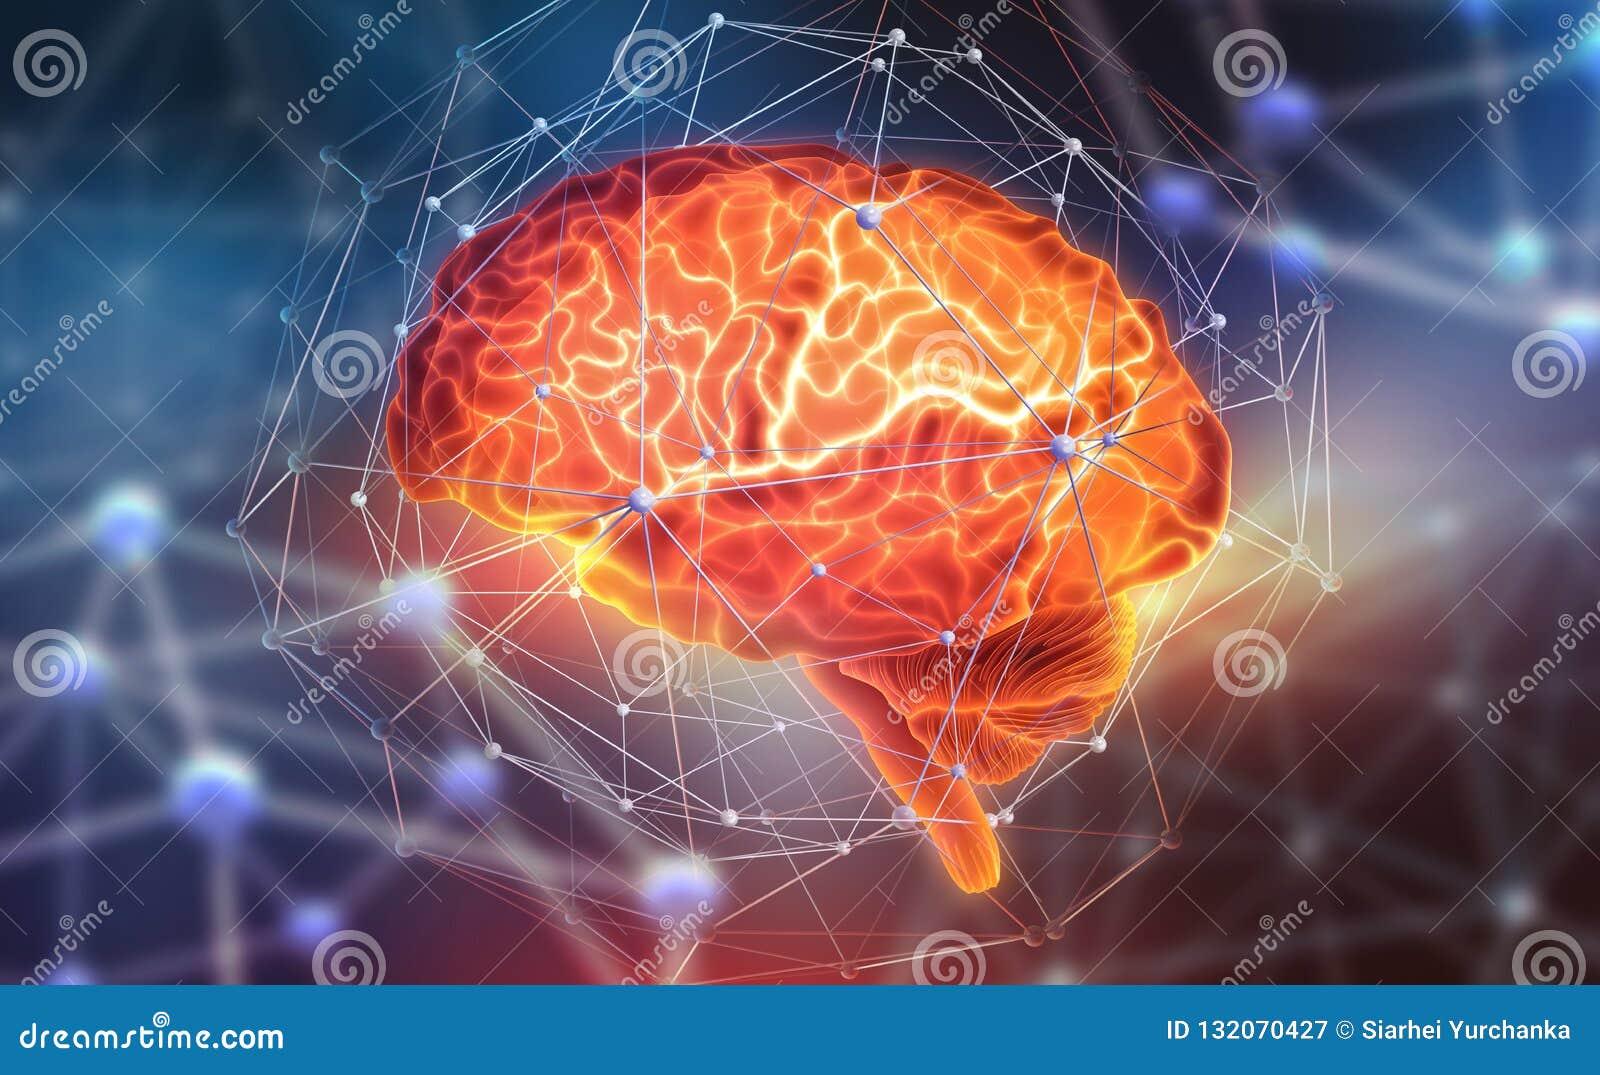 Cerebro humano Redes neuronales e inteligencia artificial